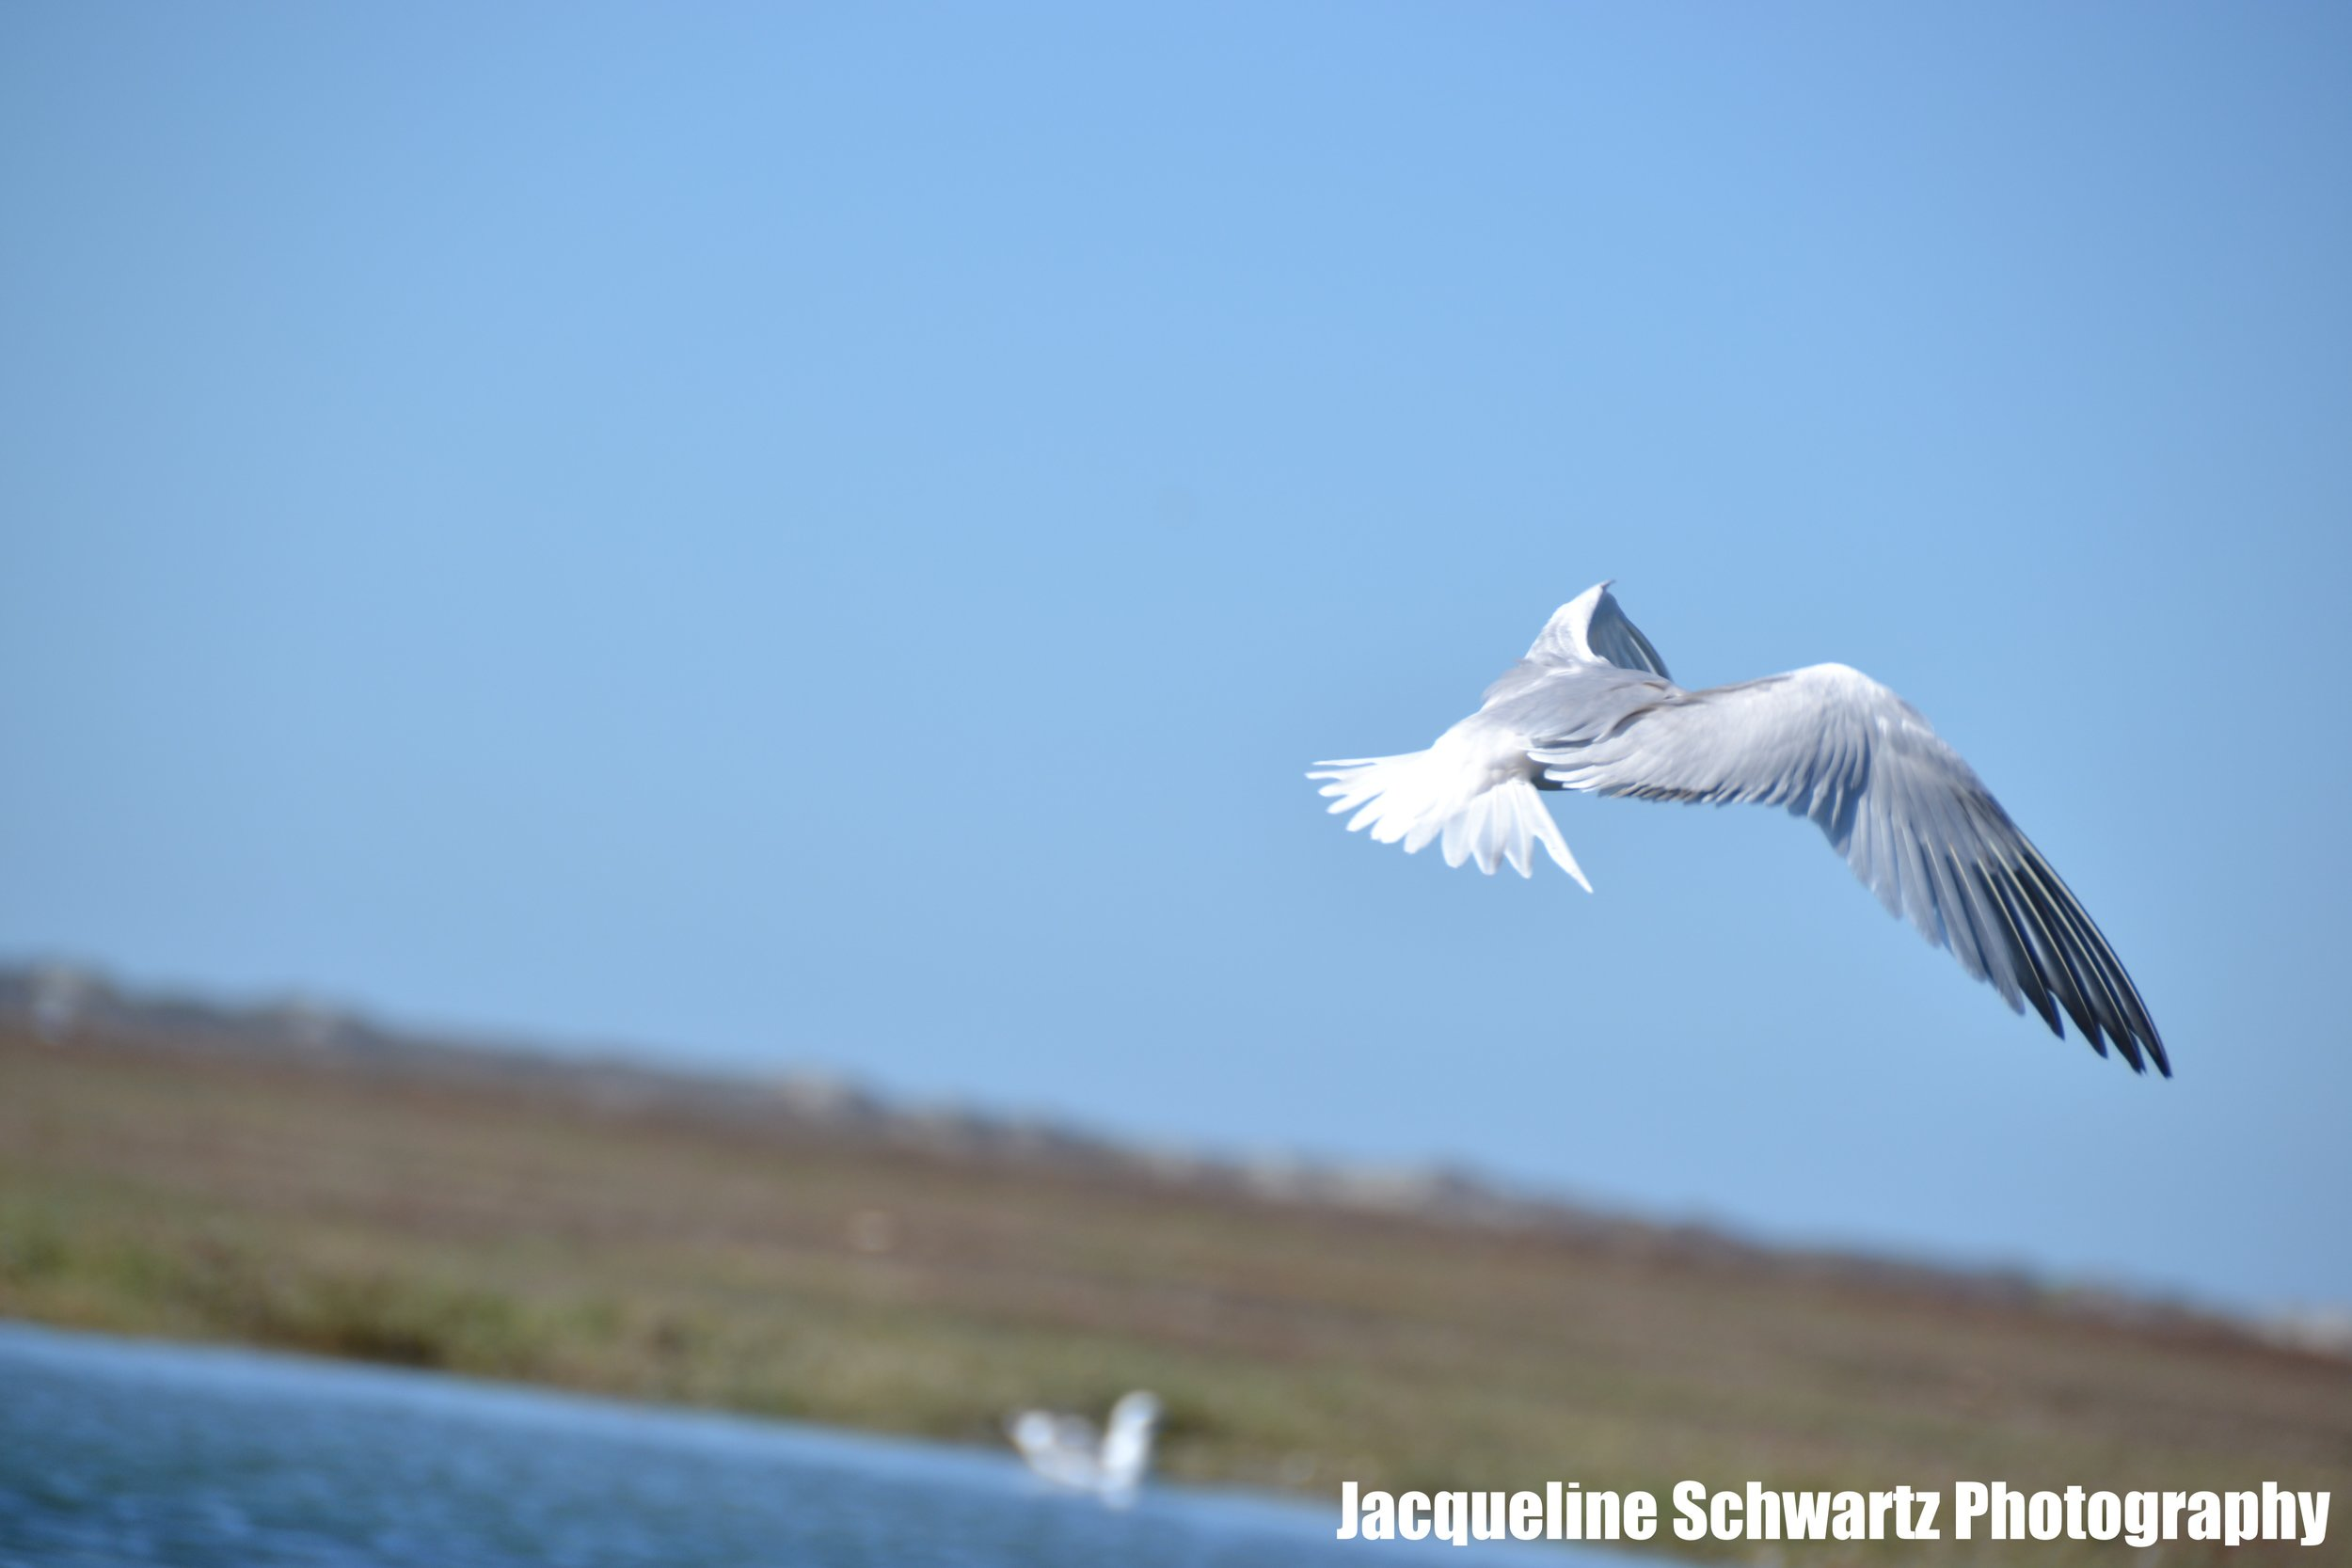 JSPhotography_DSC_0681.JPG